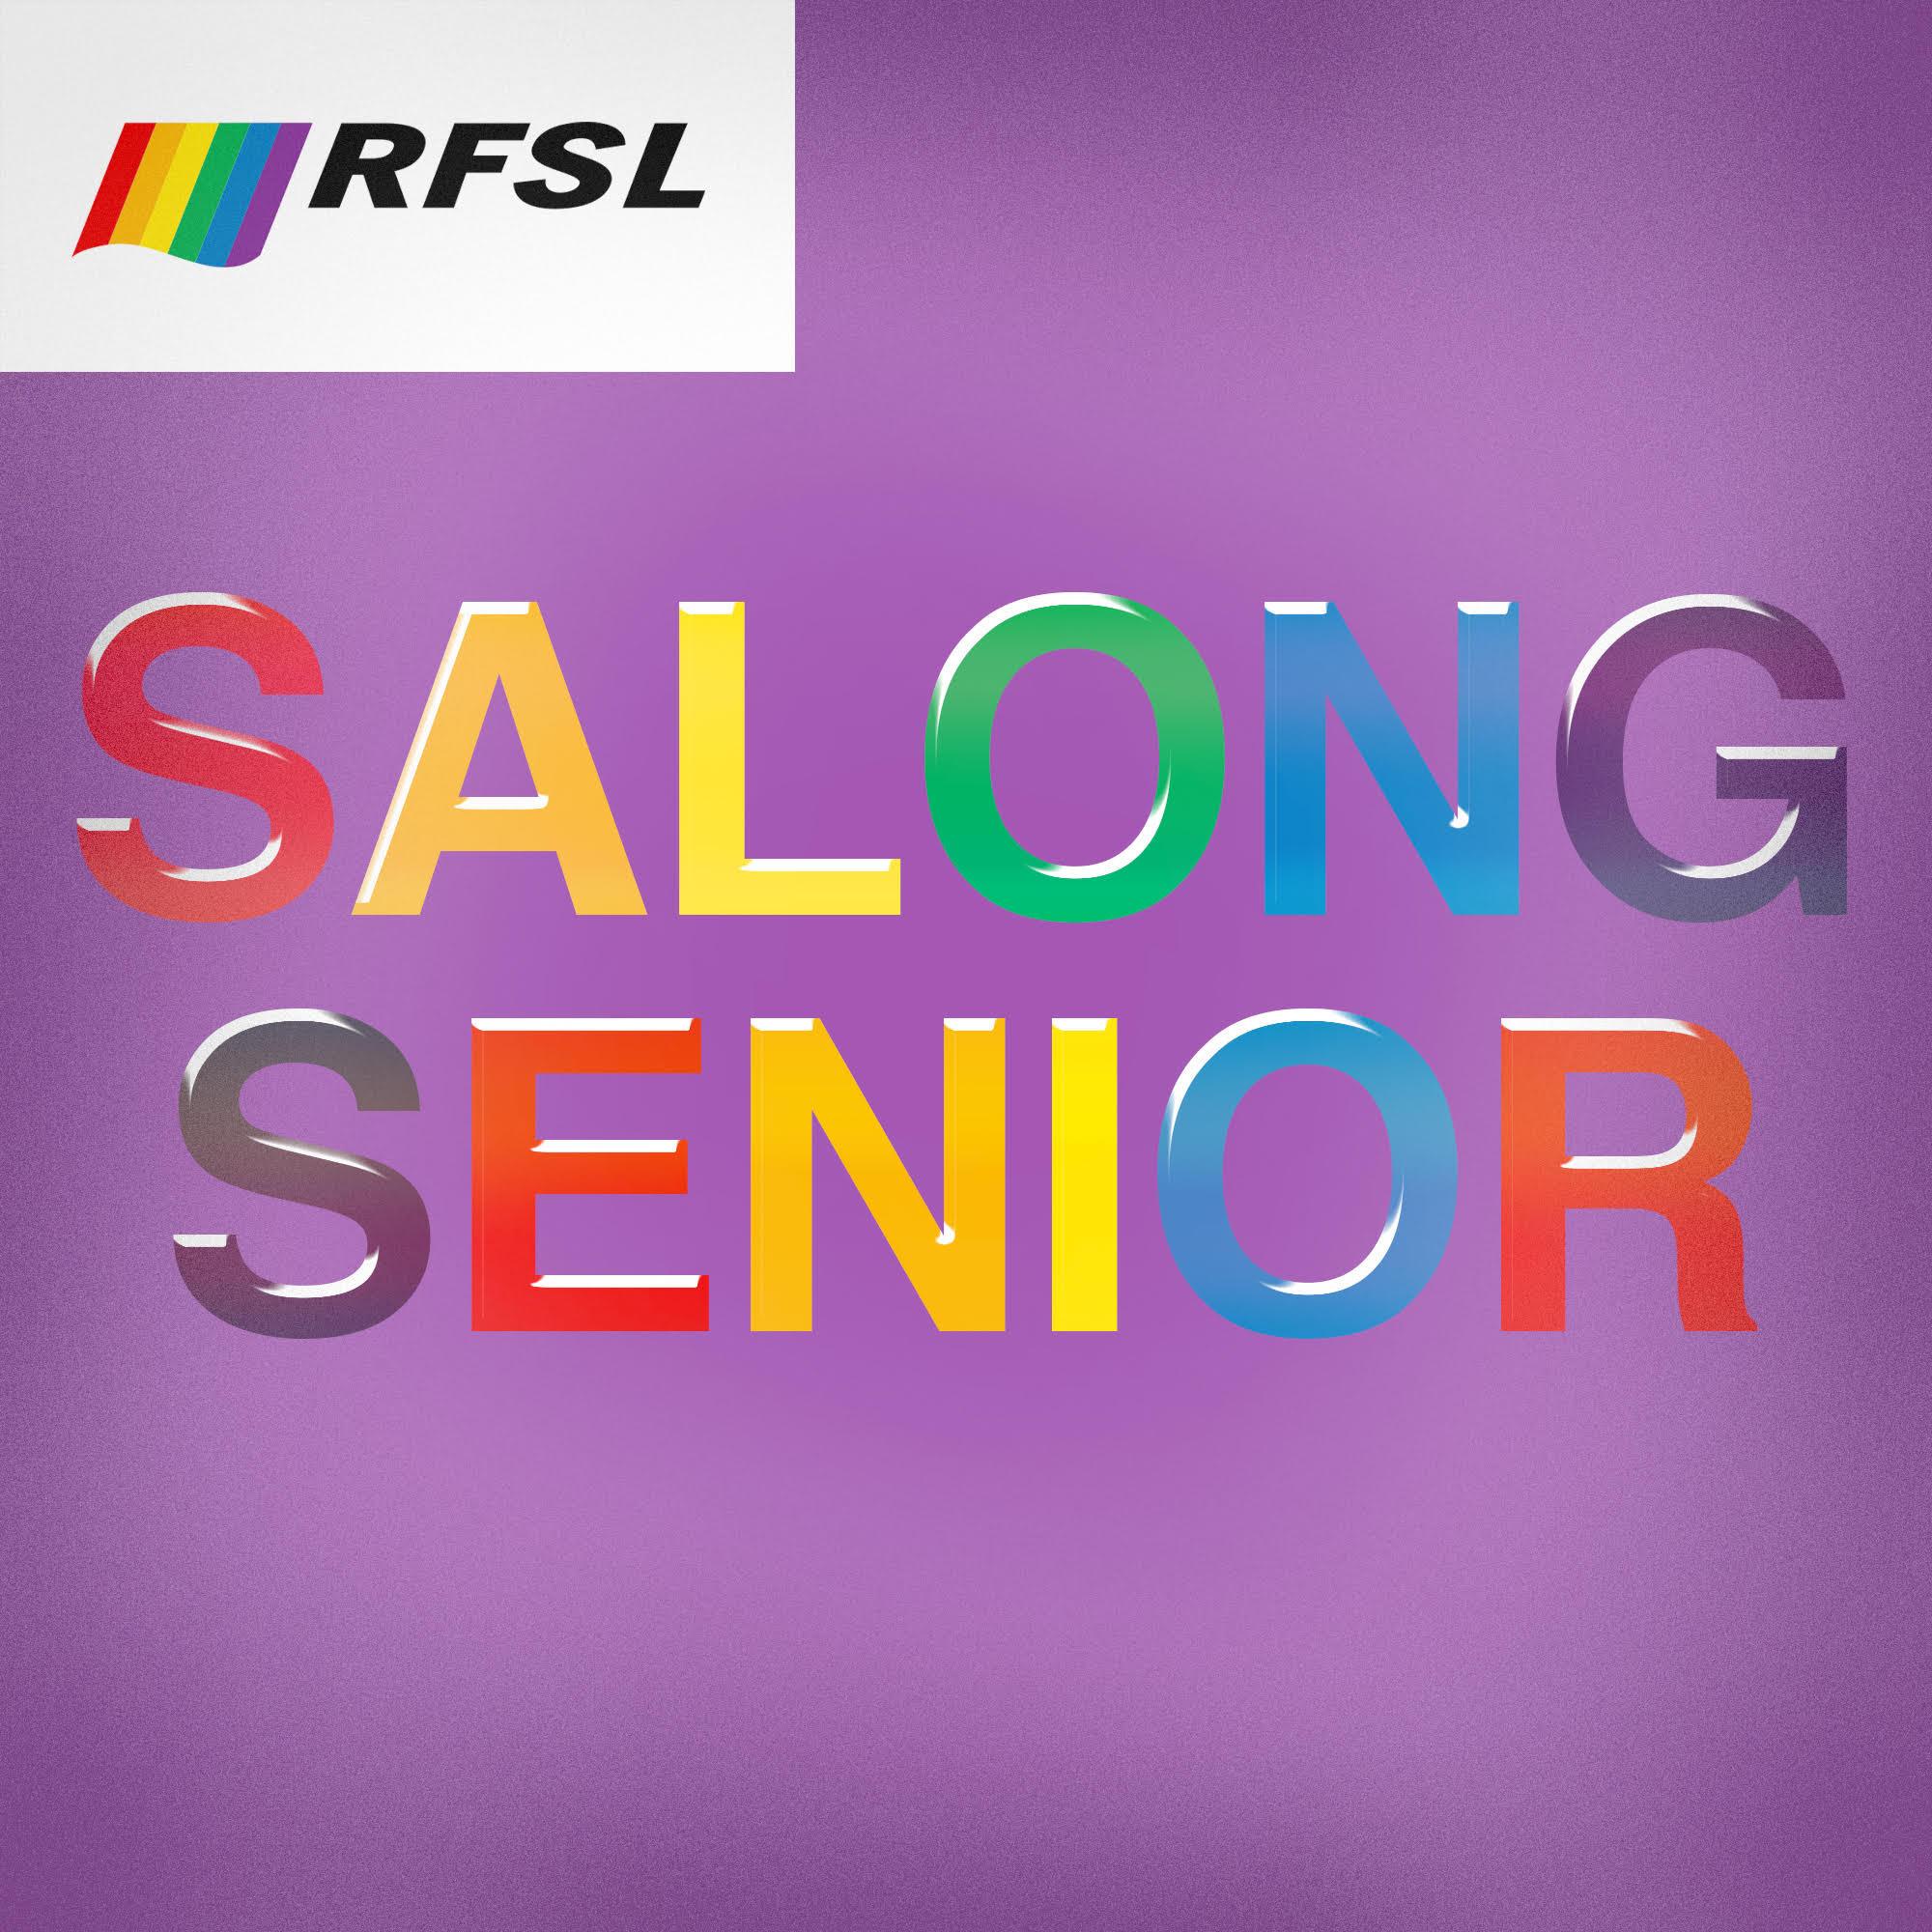 Salong Senior 2. Vänskap